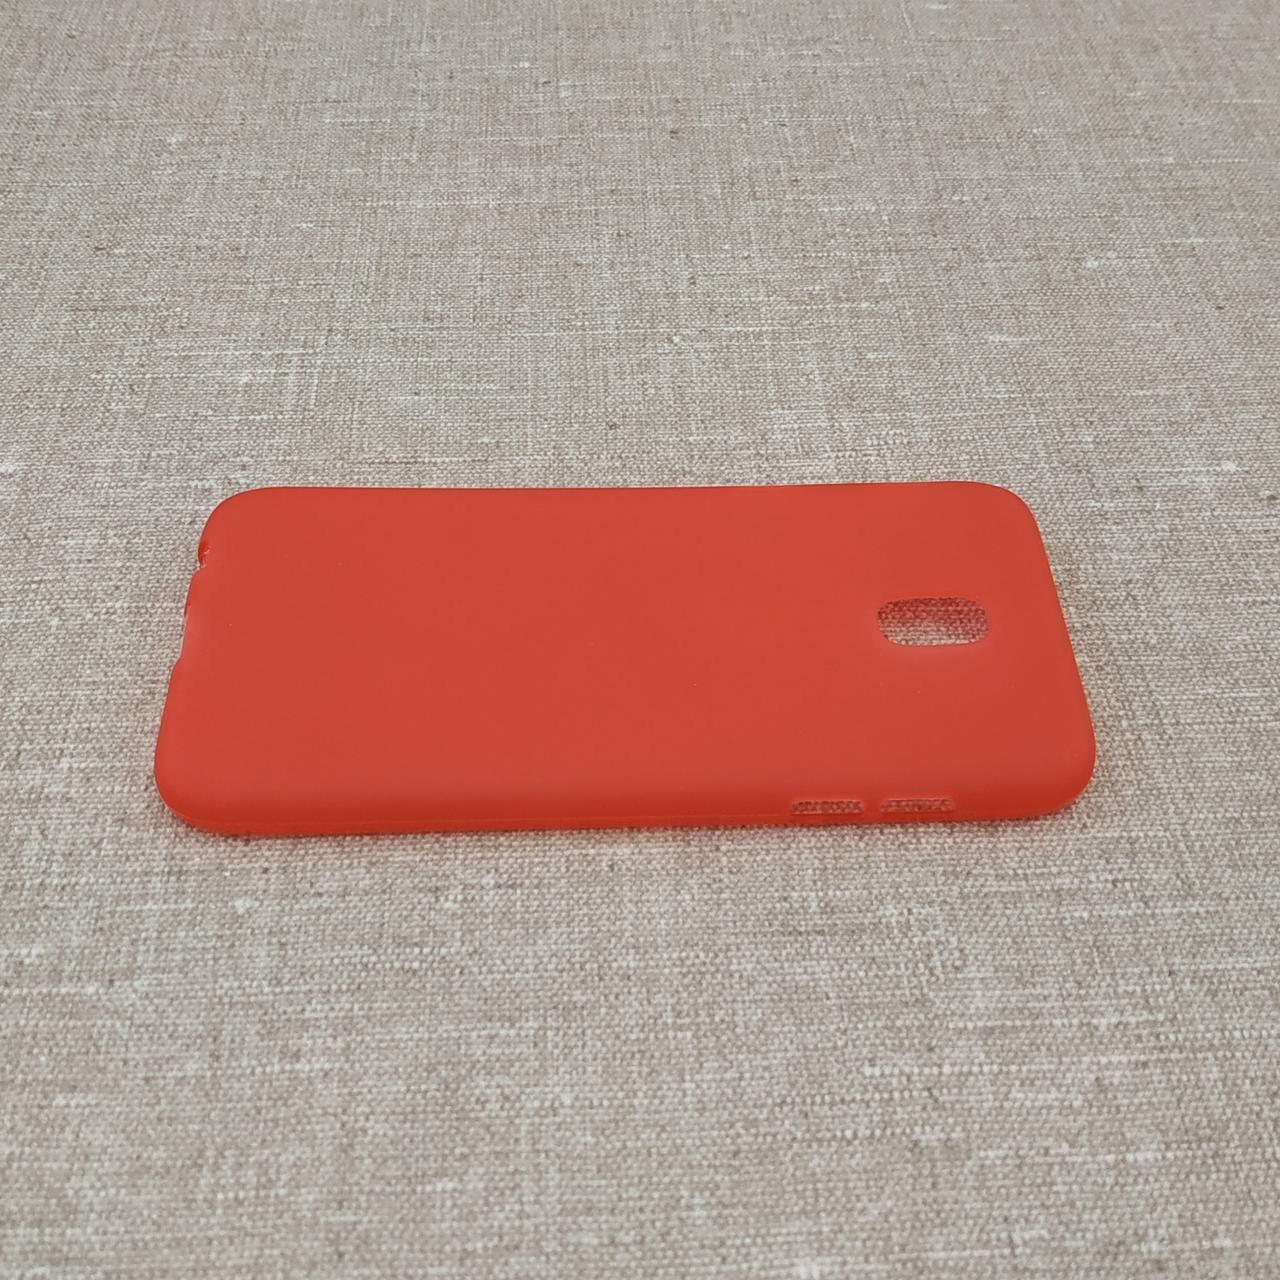 TPU Samsung Galaxy J530 red J5 (J530) 2017 Для телефона